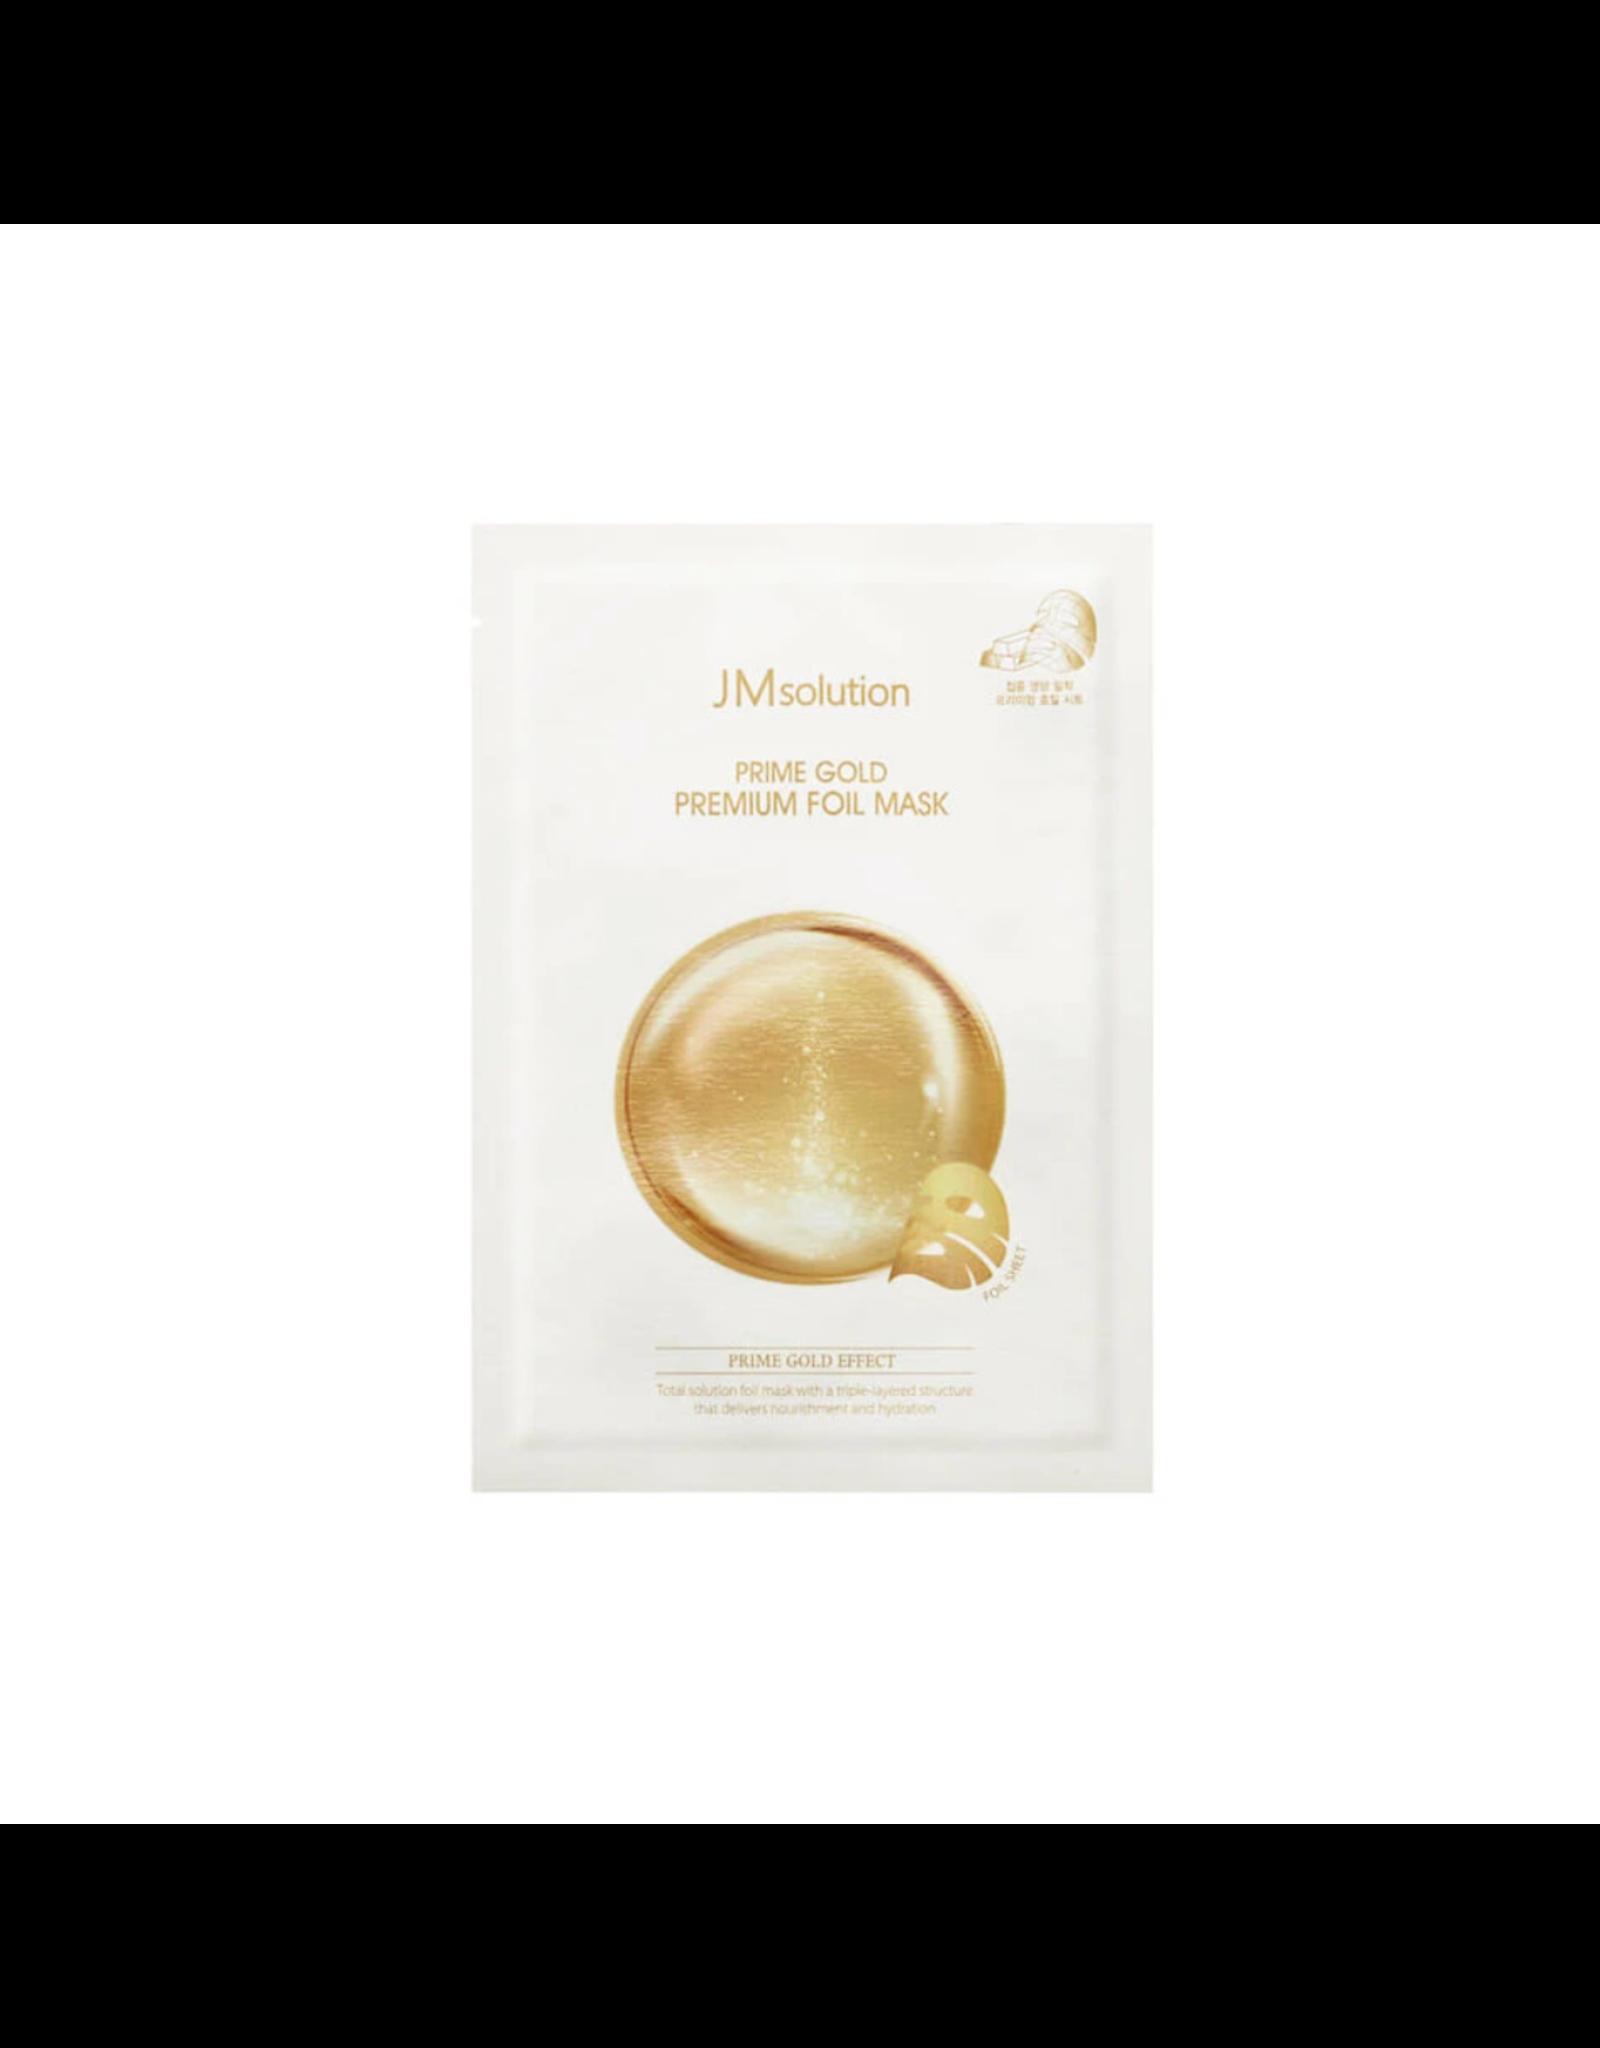 JM Solution JM Solution Prime Gold Premium Foil Mask 1 Sheet